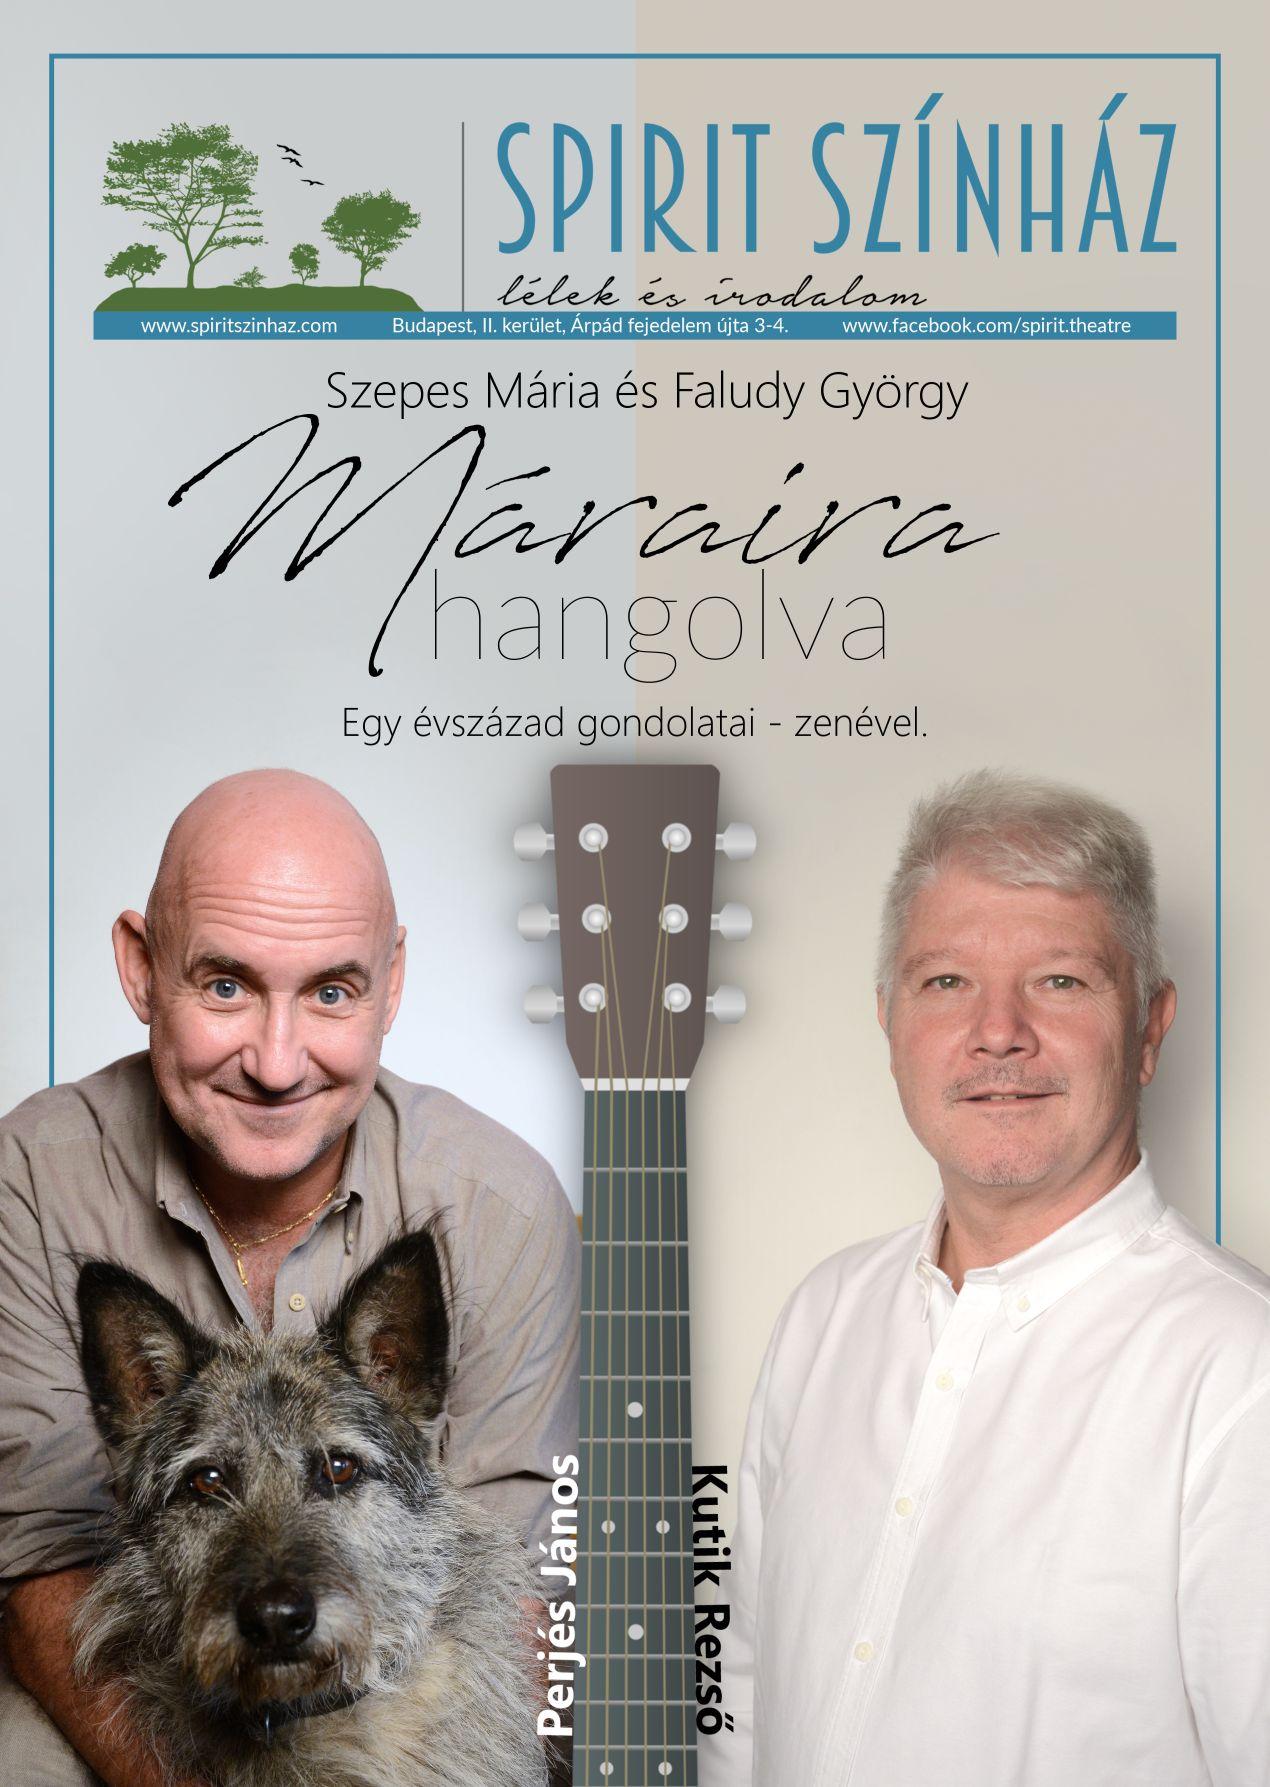 Máraira hangolva: Szepes Mária és Faludy